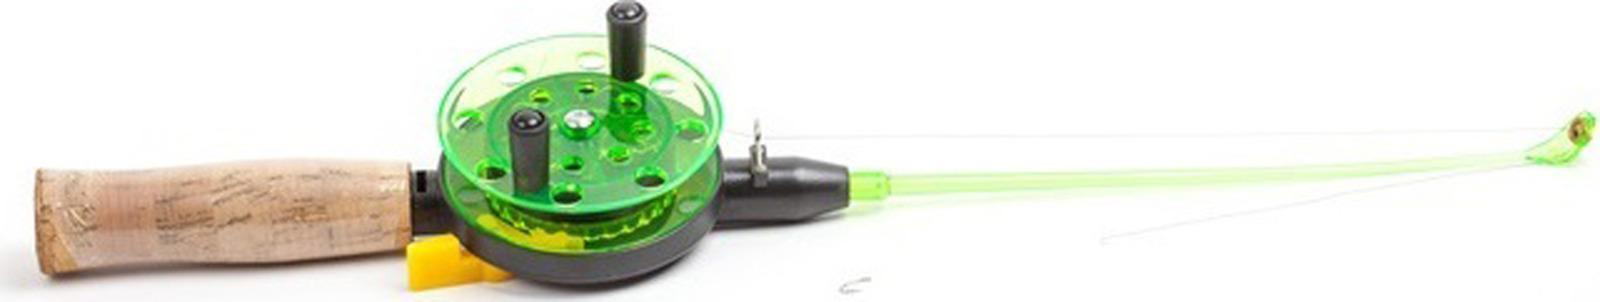 Удочка зимняя AGP, с пробковой ручкой, катушка 75 мм, УТ000031702, зеленый катушка agp wk 3 зеленый темно зеленый черный